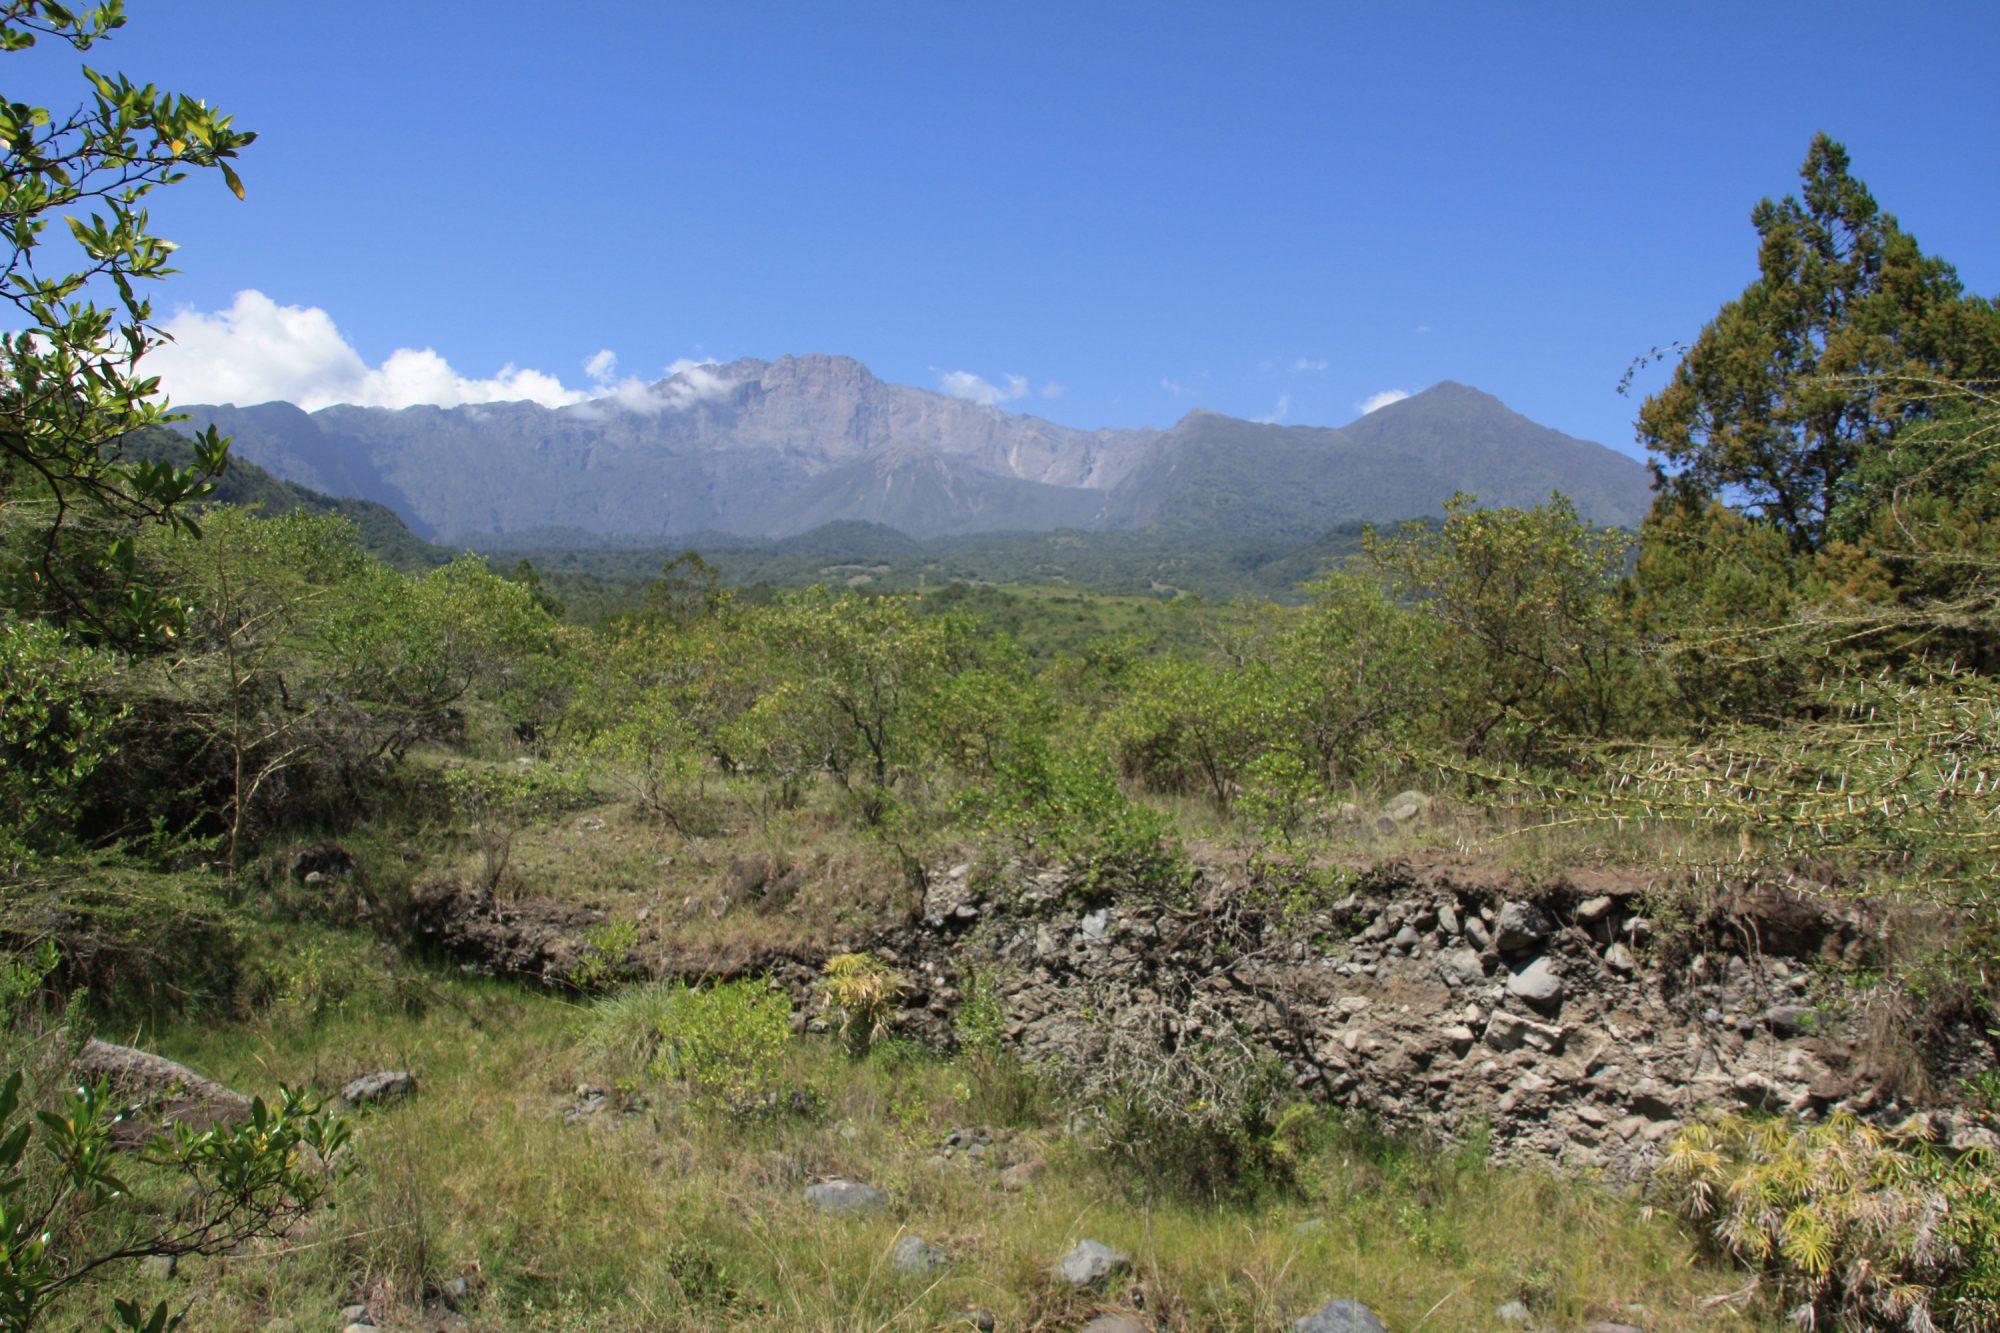 Blick zurück auf den Mount Meru, Mount Meru Besteigung, Tour, Erfahrungsbericht, Afrika, Tansania, Bergtour